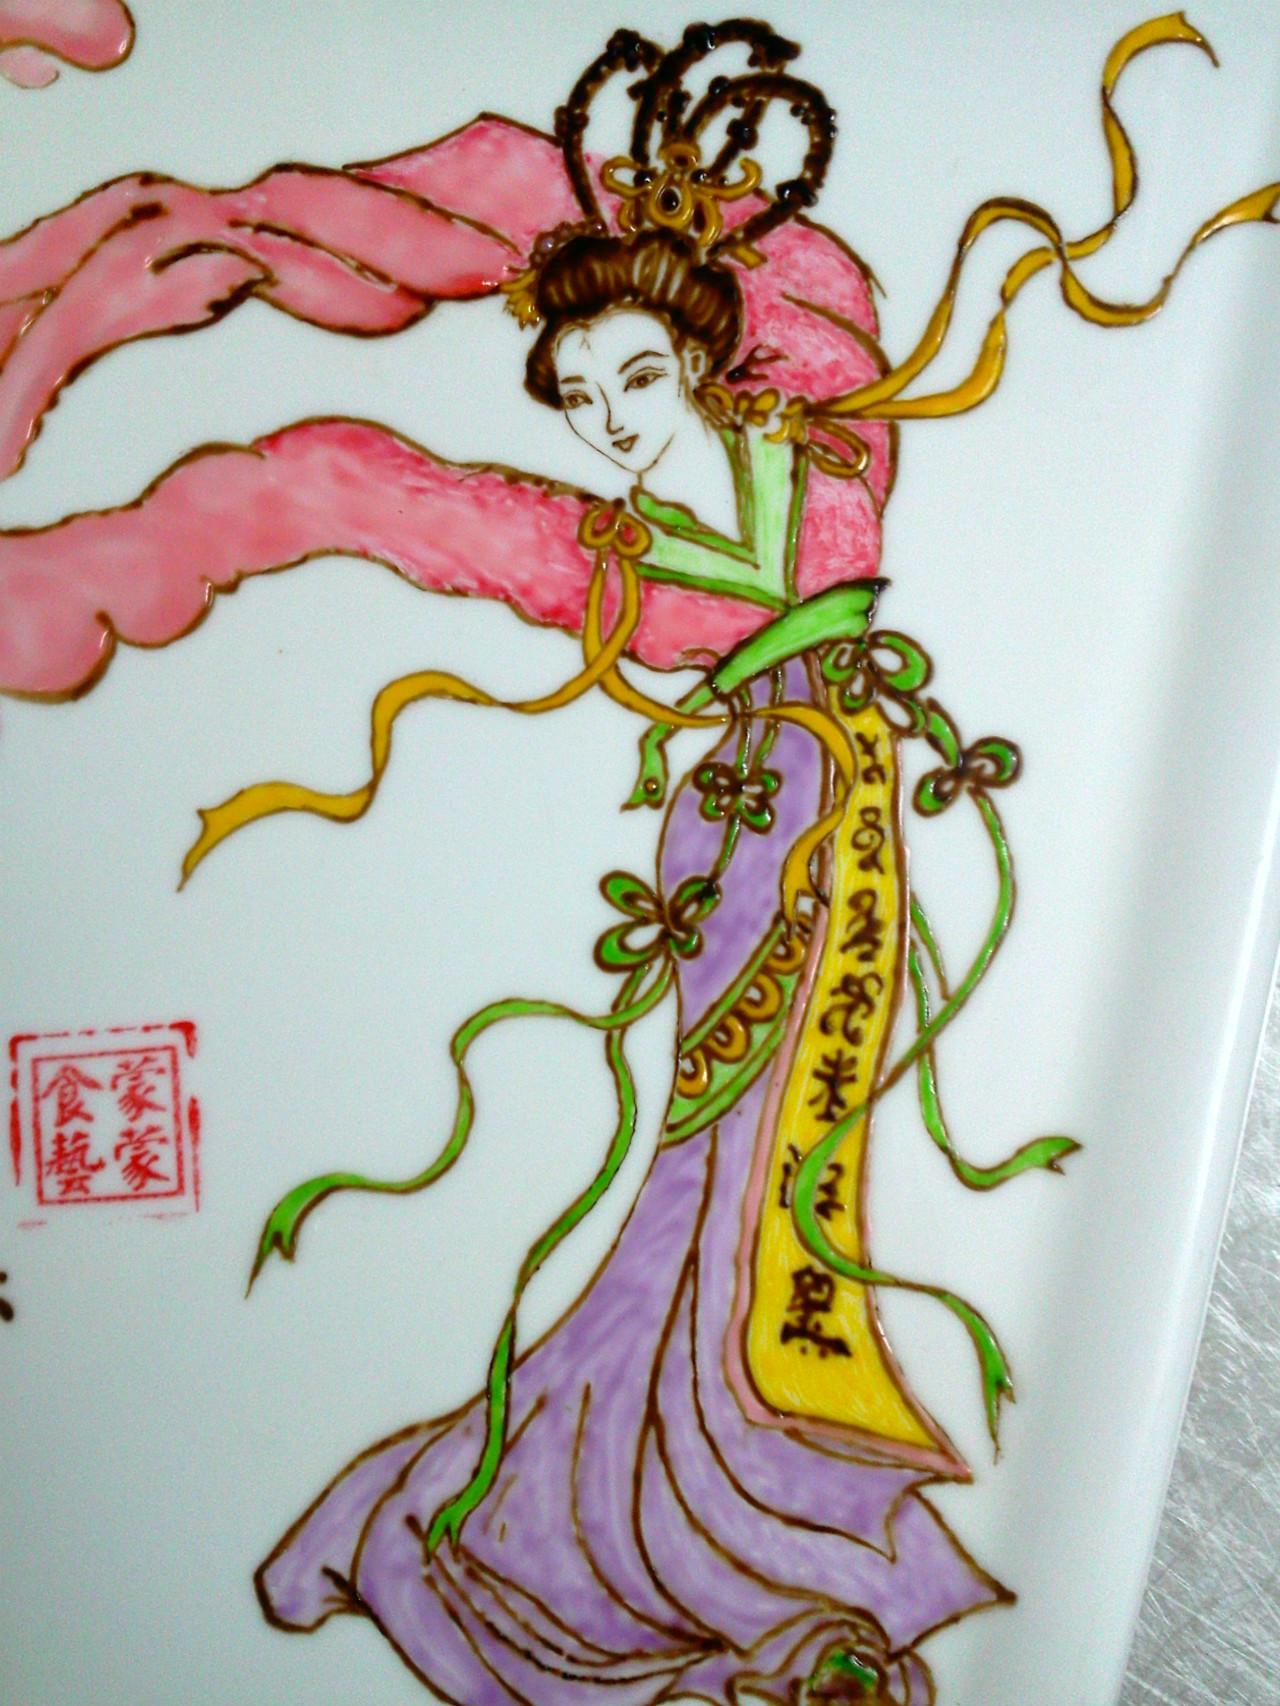 果酱画的盘子围边内容用果酱画的盘子围边版面图片